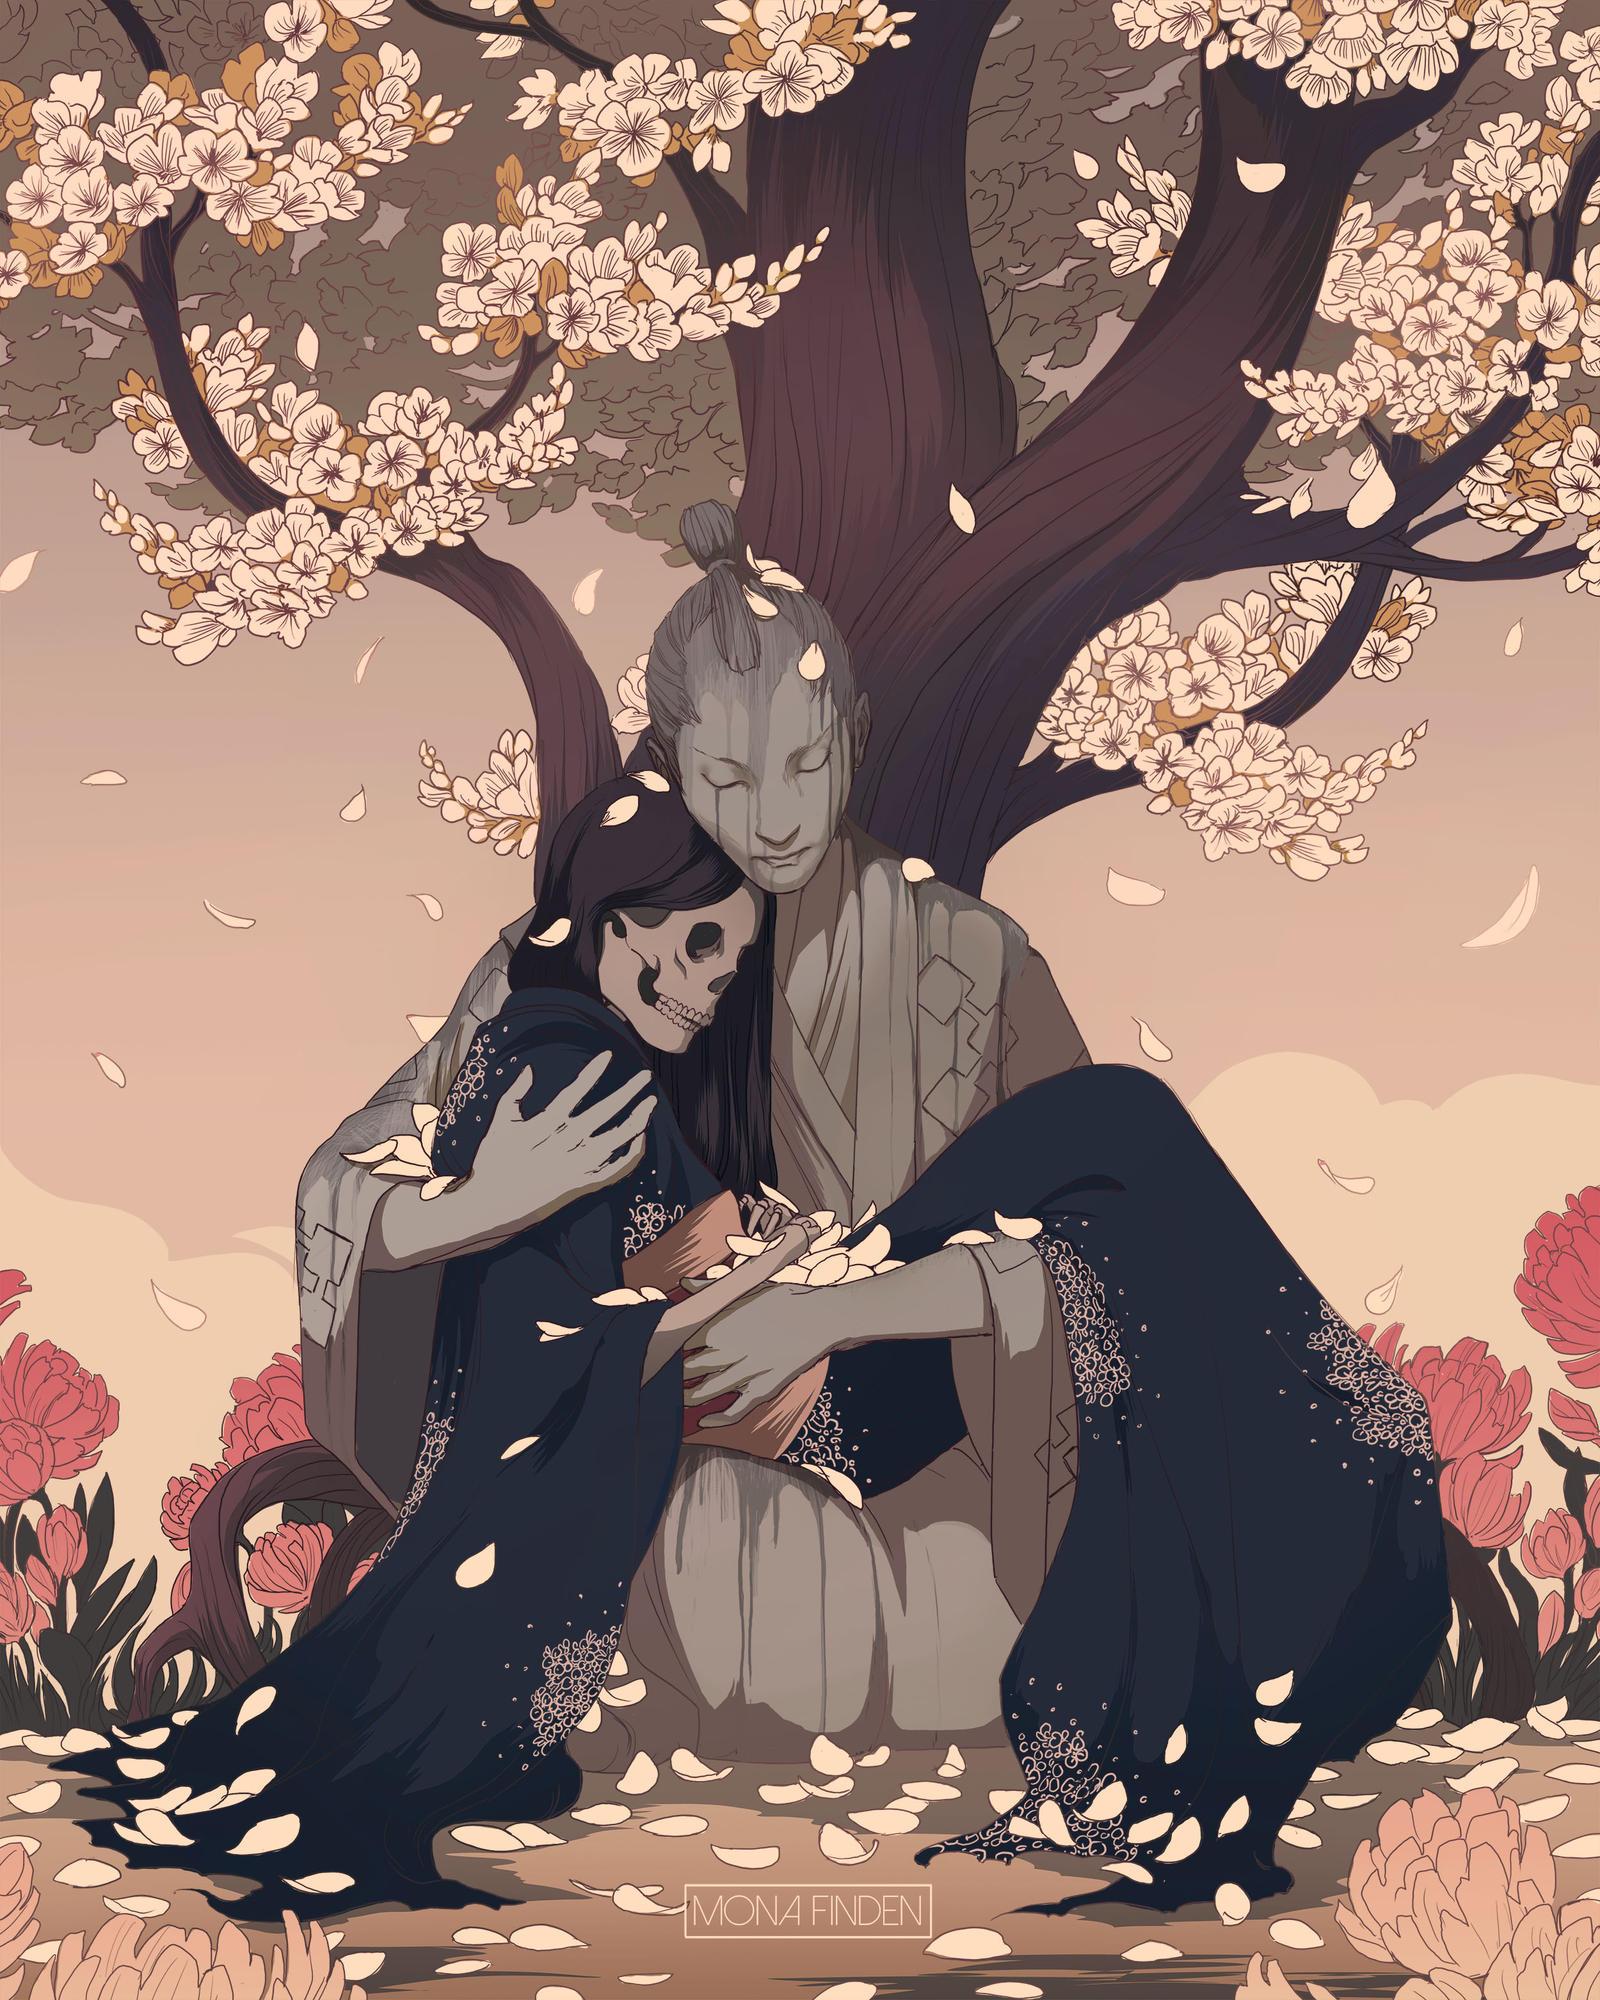 Download 83 Koleksi Gambar Bunga Sakura Art Gratis